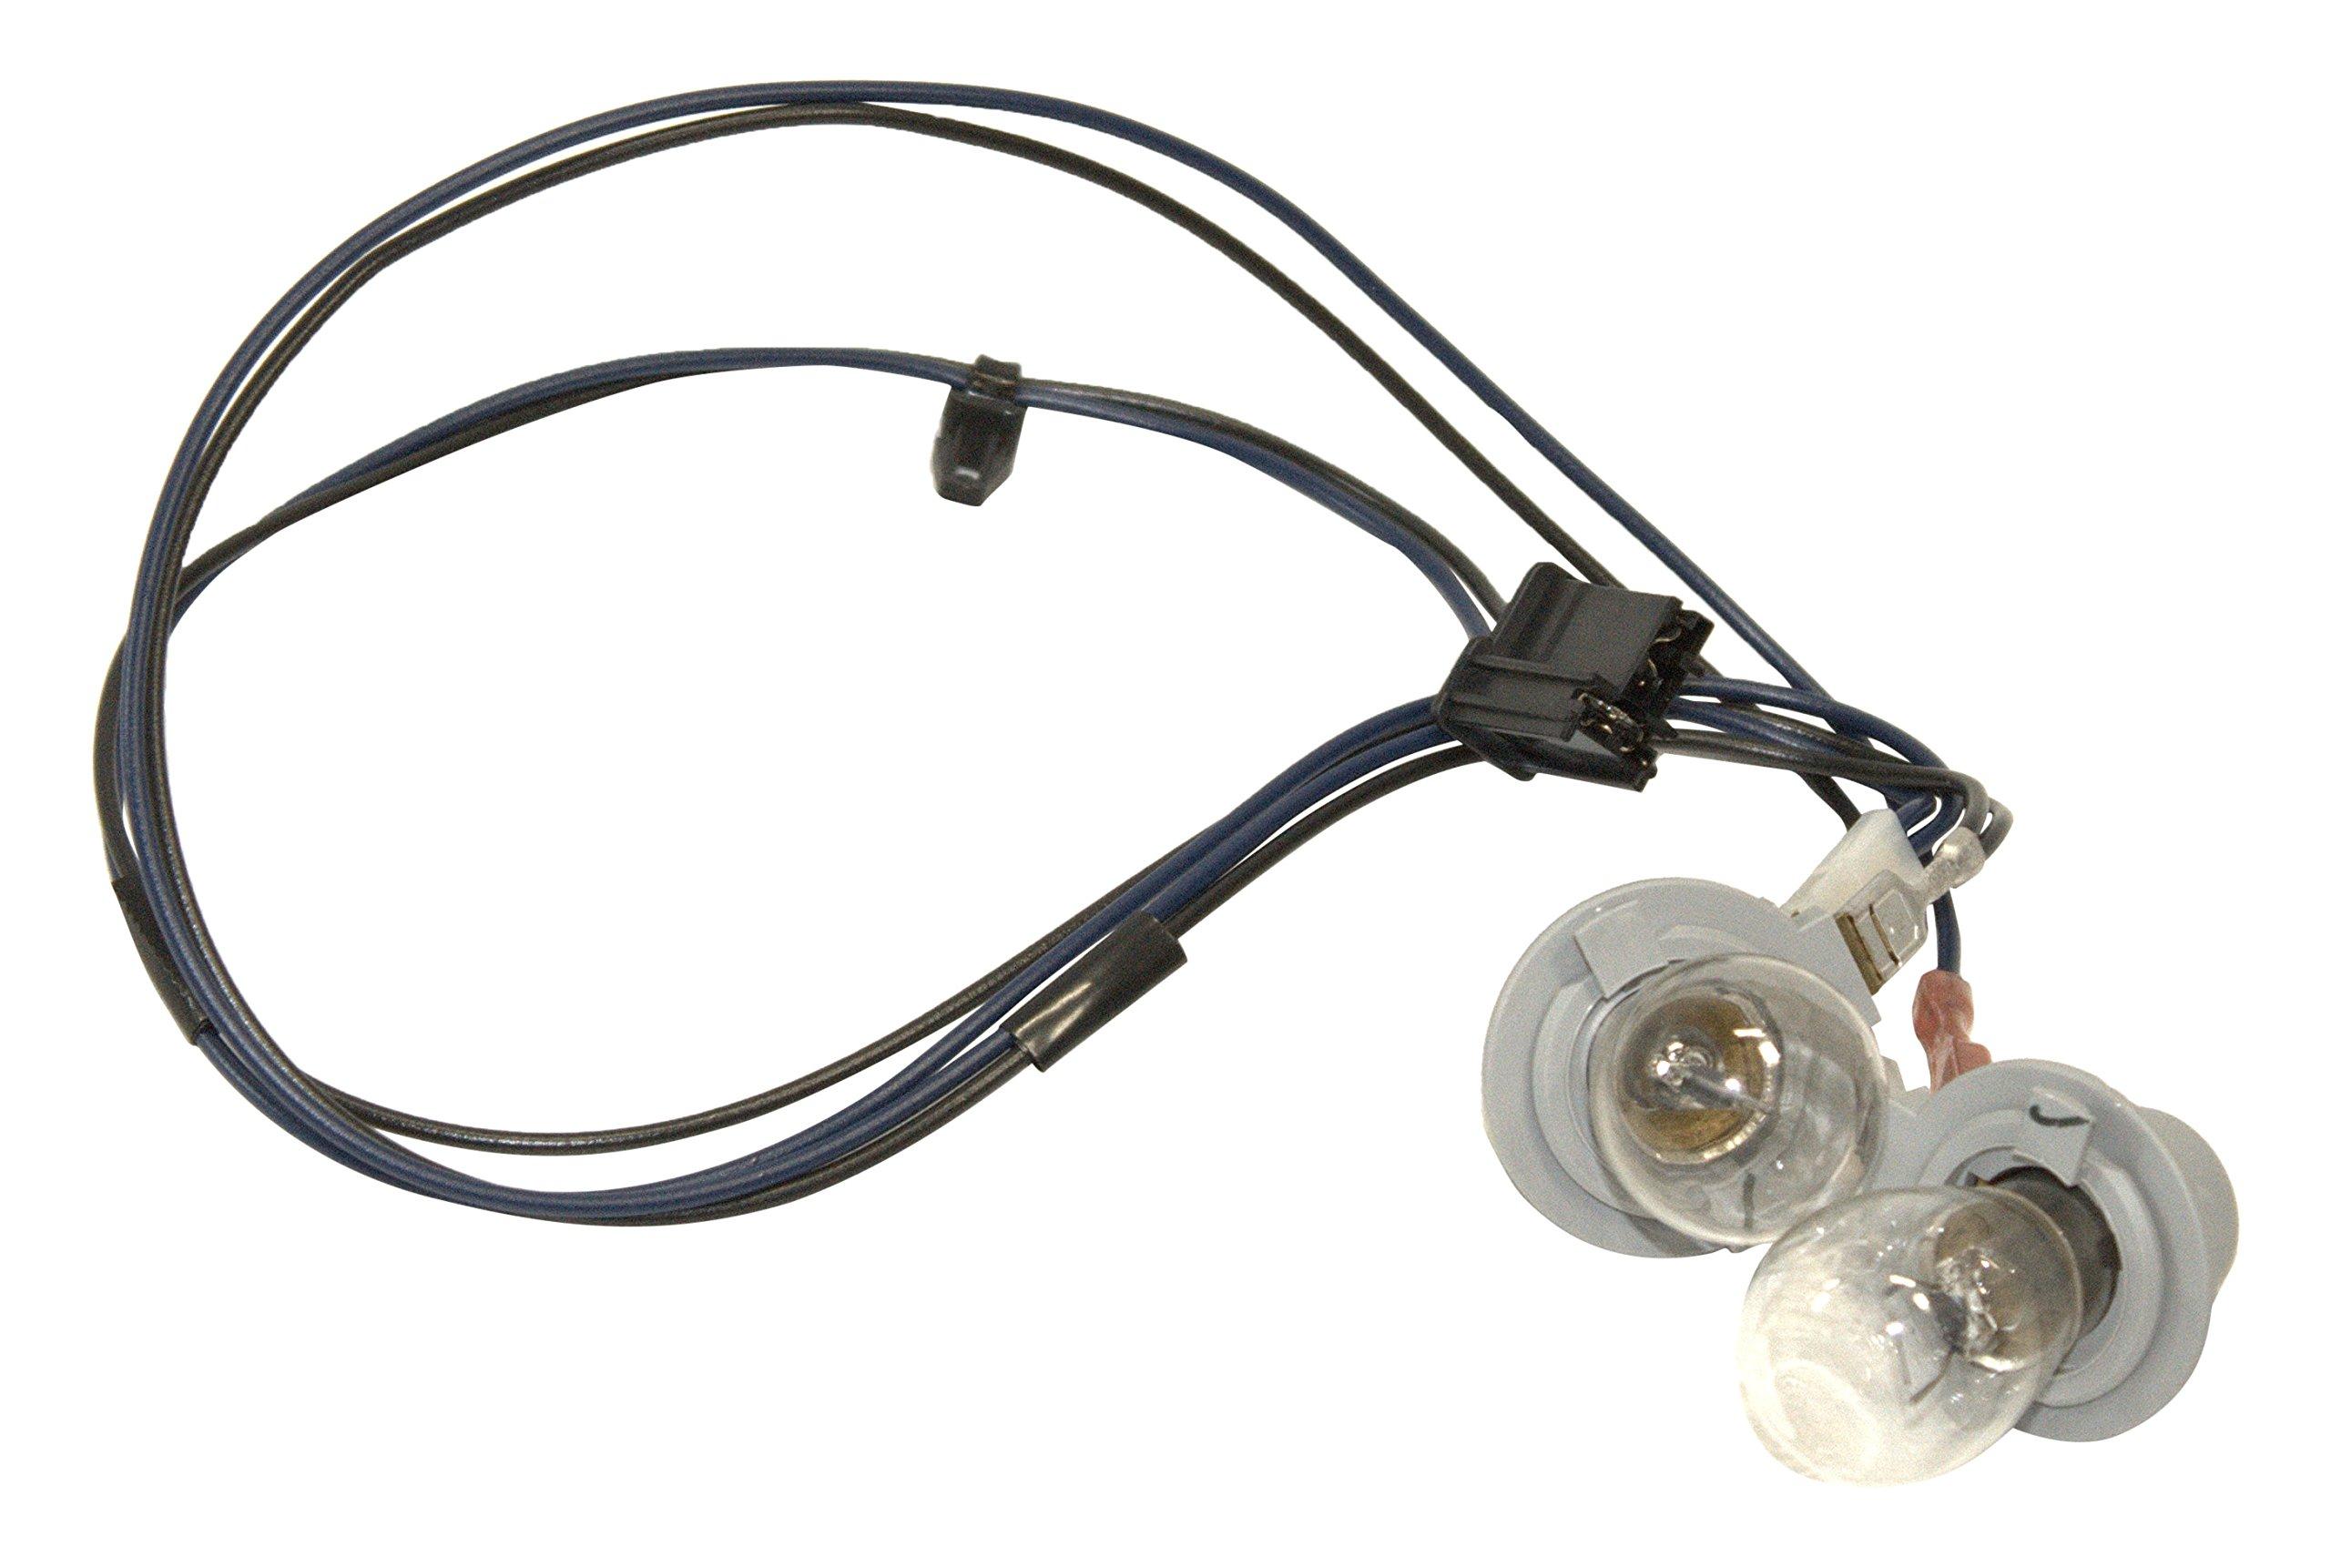 Husqvarna Part Number 532400252 Harness Socket Light w/4152J